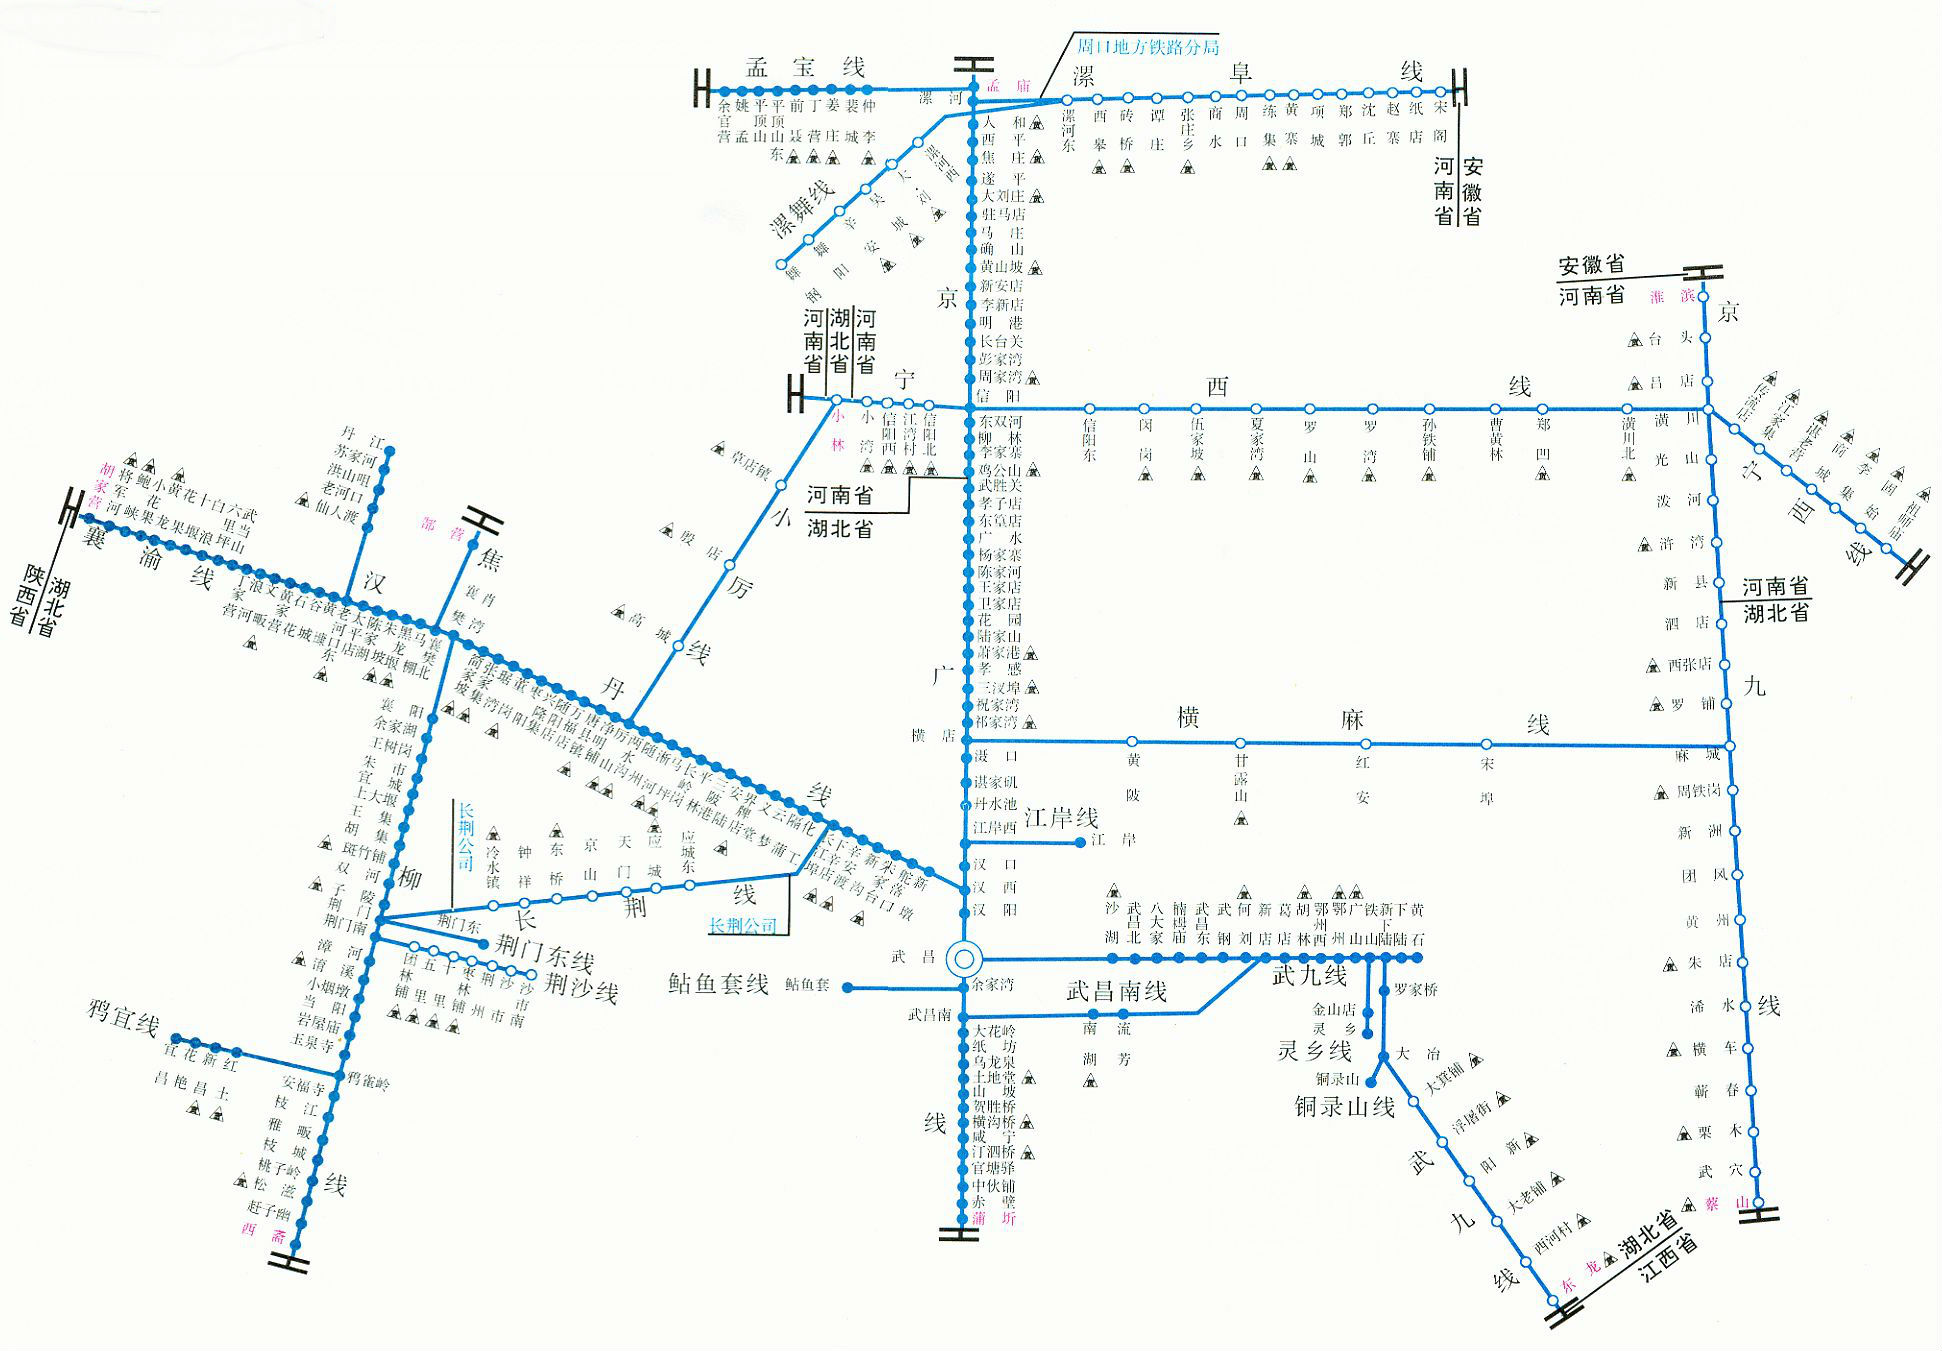 武汉铁路局 - 世界轨道交通资讯网-世界轨道行业排名